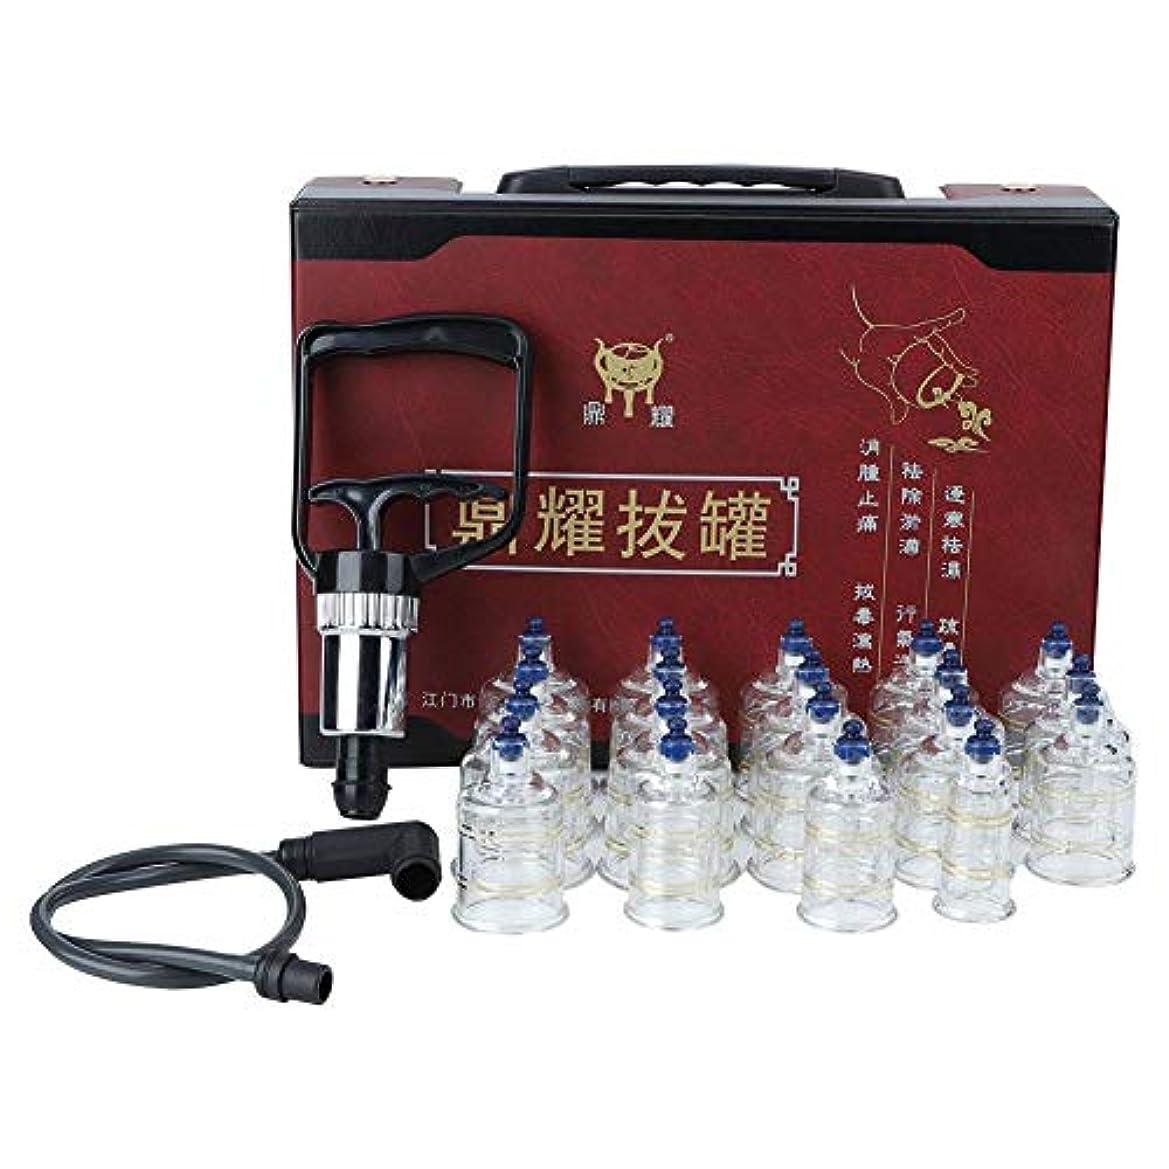 牛持続的トレードカッピングセット中国のツボカッピング療法セット、吸引カップジャー真空カッピングセットマッサージセラピーマッサージ用カッピングツール